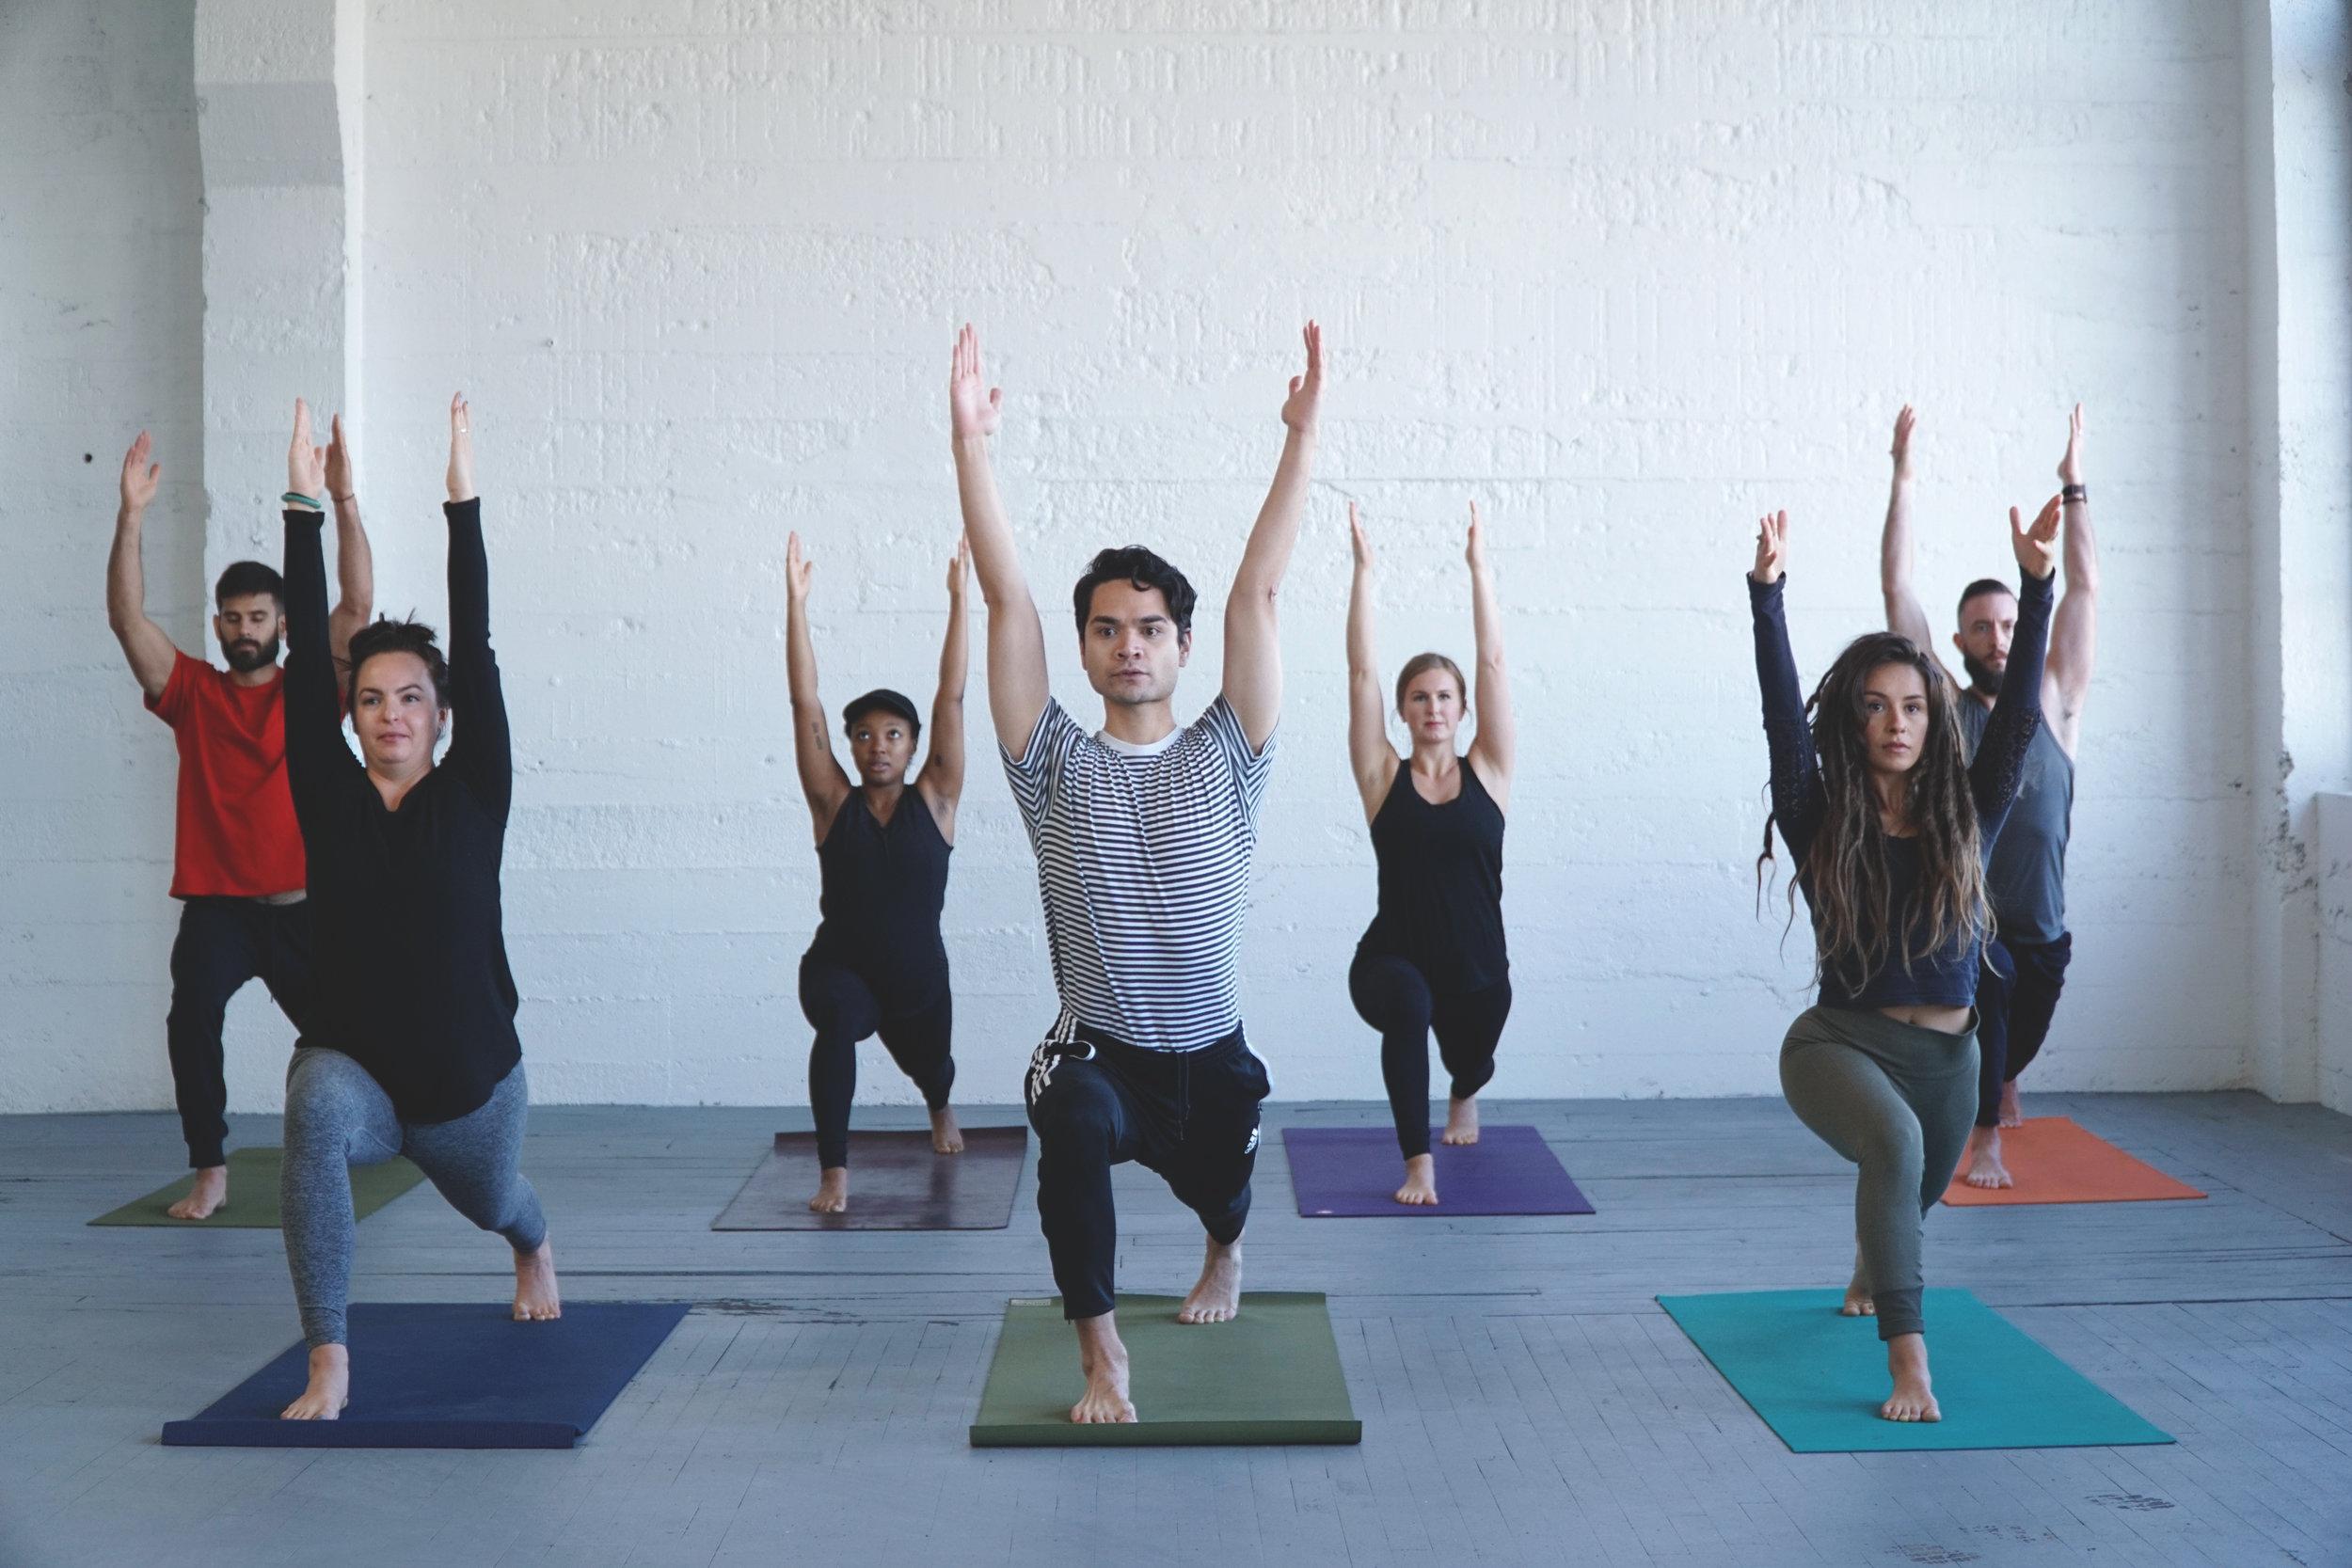 Tacoma Mobile Yoga Studio On Demand Yoga